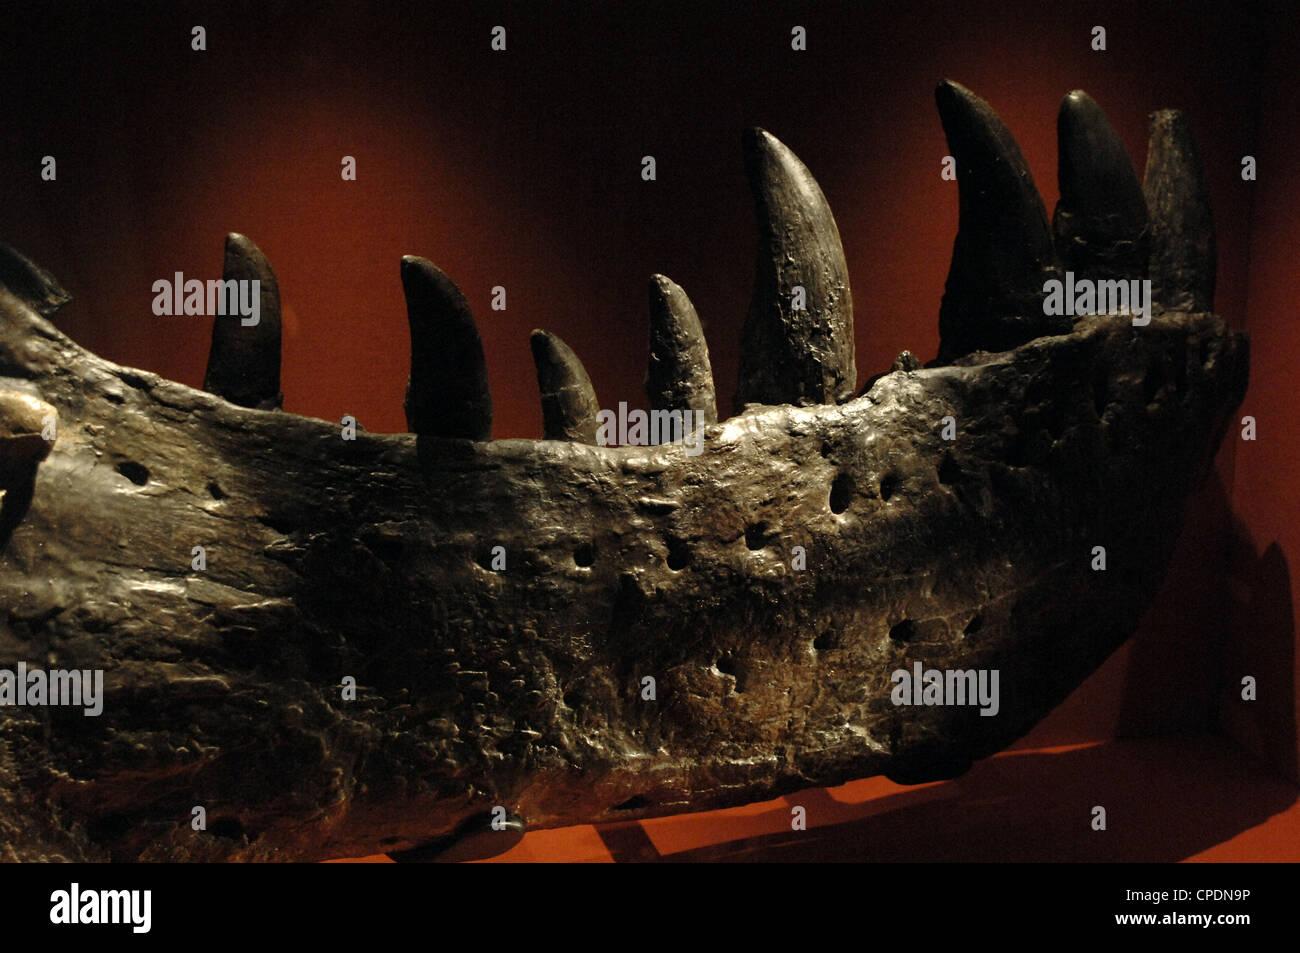 Mordaza del primer Tiranosaurio Rex . Cretácico Superior. Maastrichtiano. Imagen De Stock